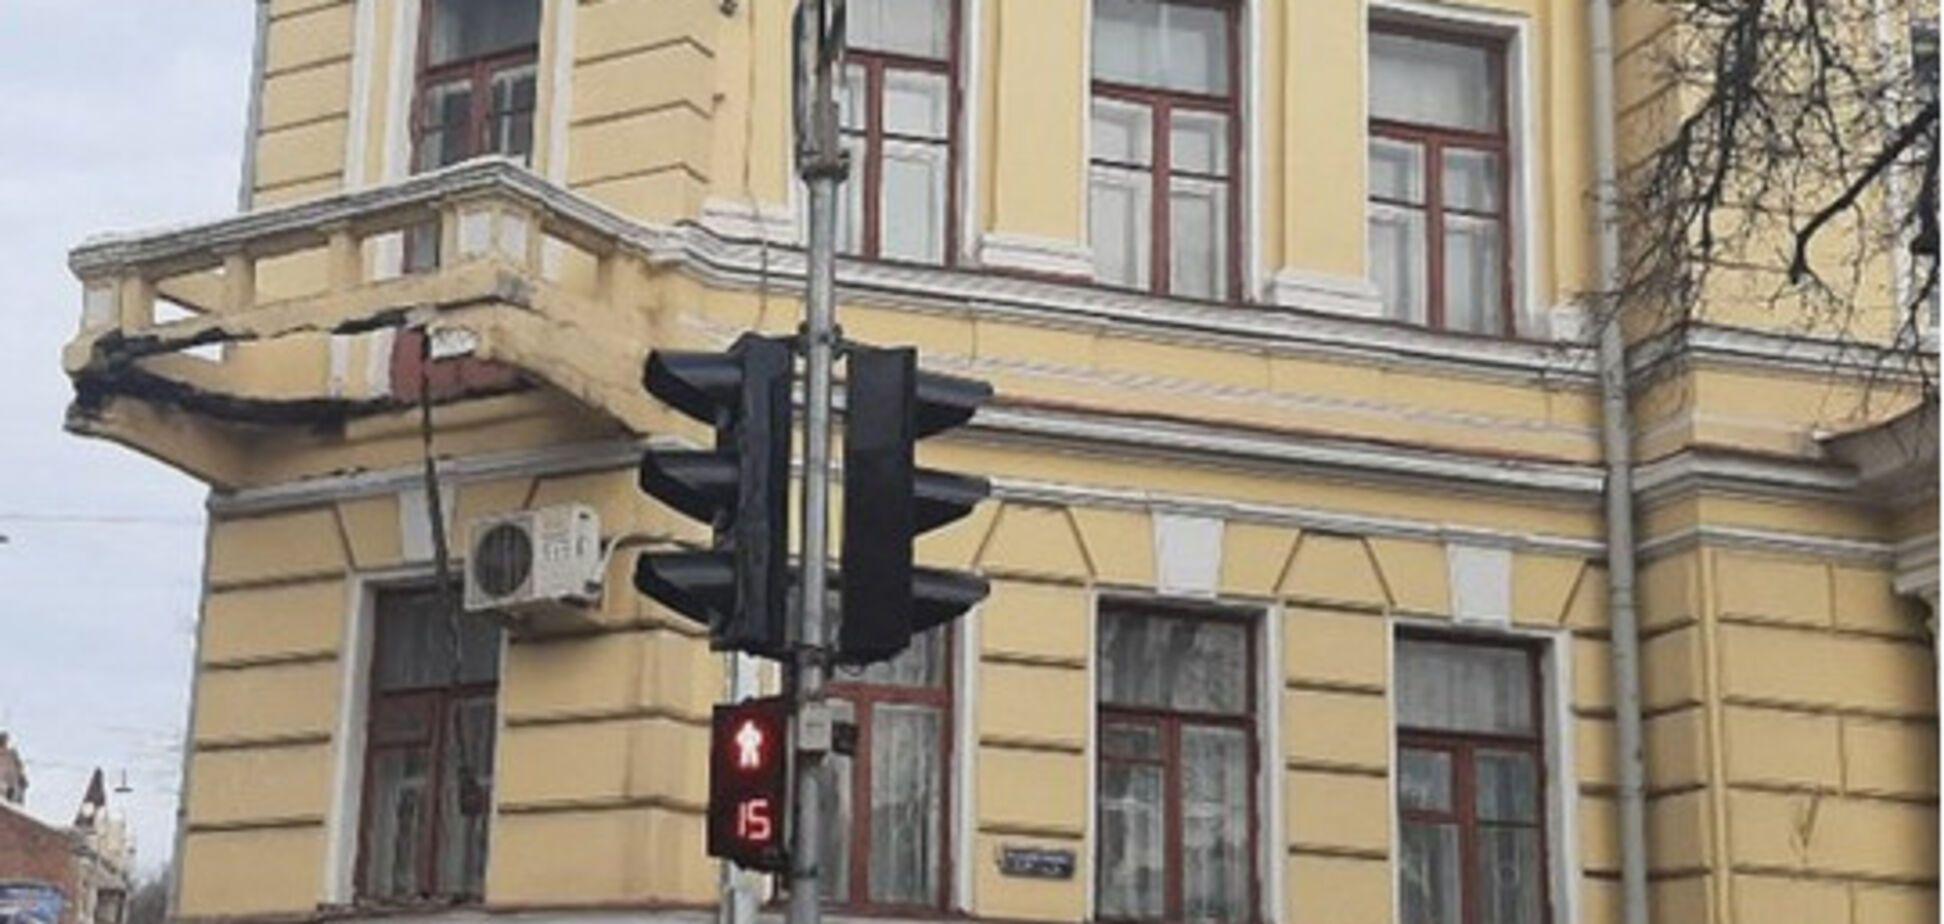 Чудом не задел людей! В Харькове рухнул старинный балкон: ЧП попало на видео